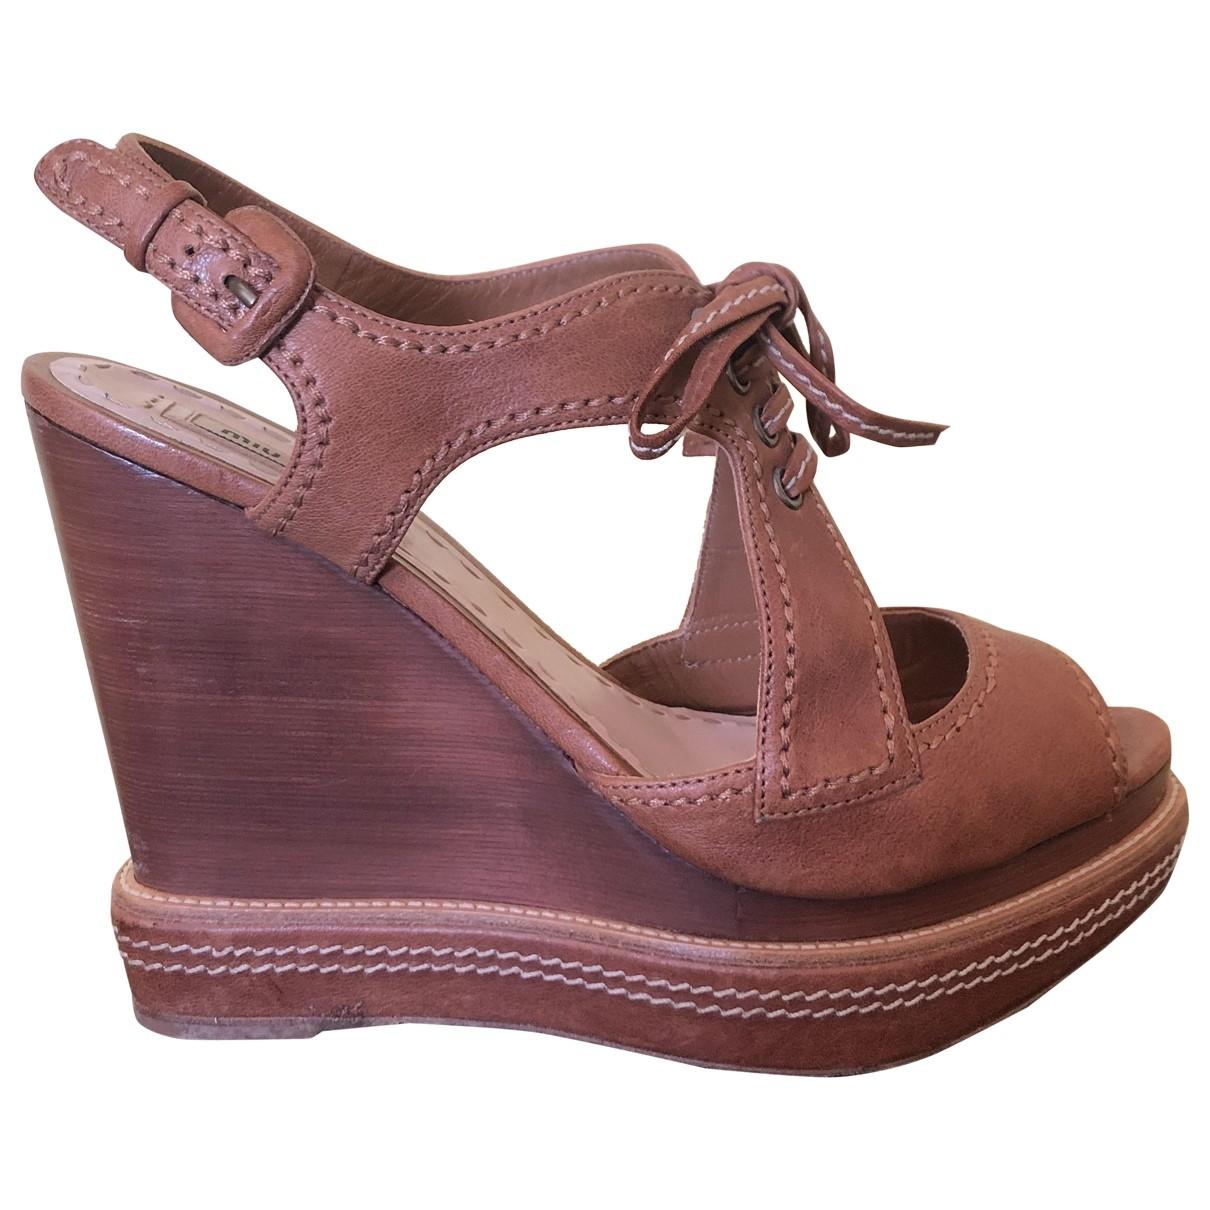 Miu Miu \N Brown Leather Sandals for Women 41 EU